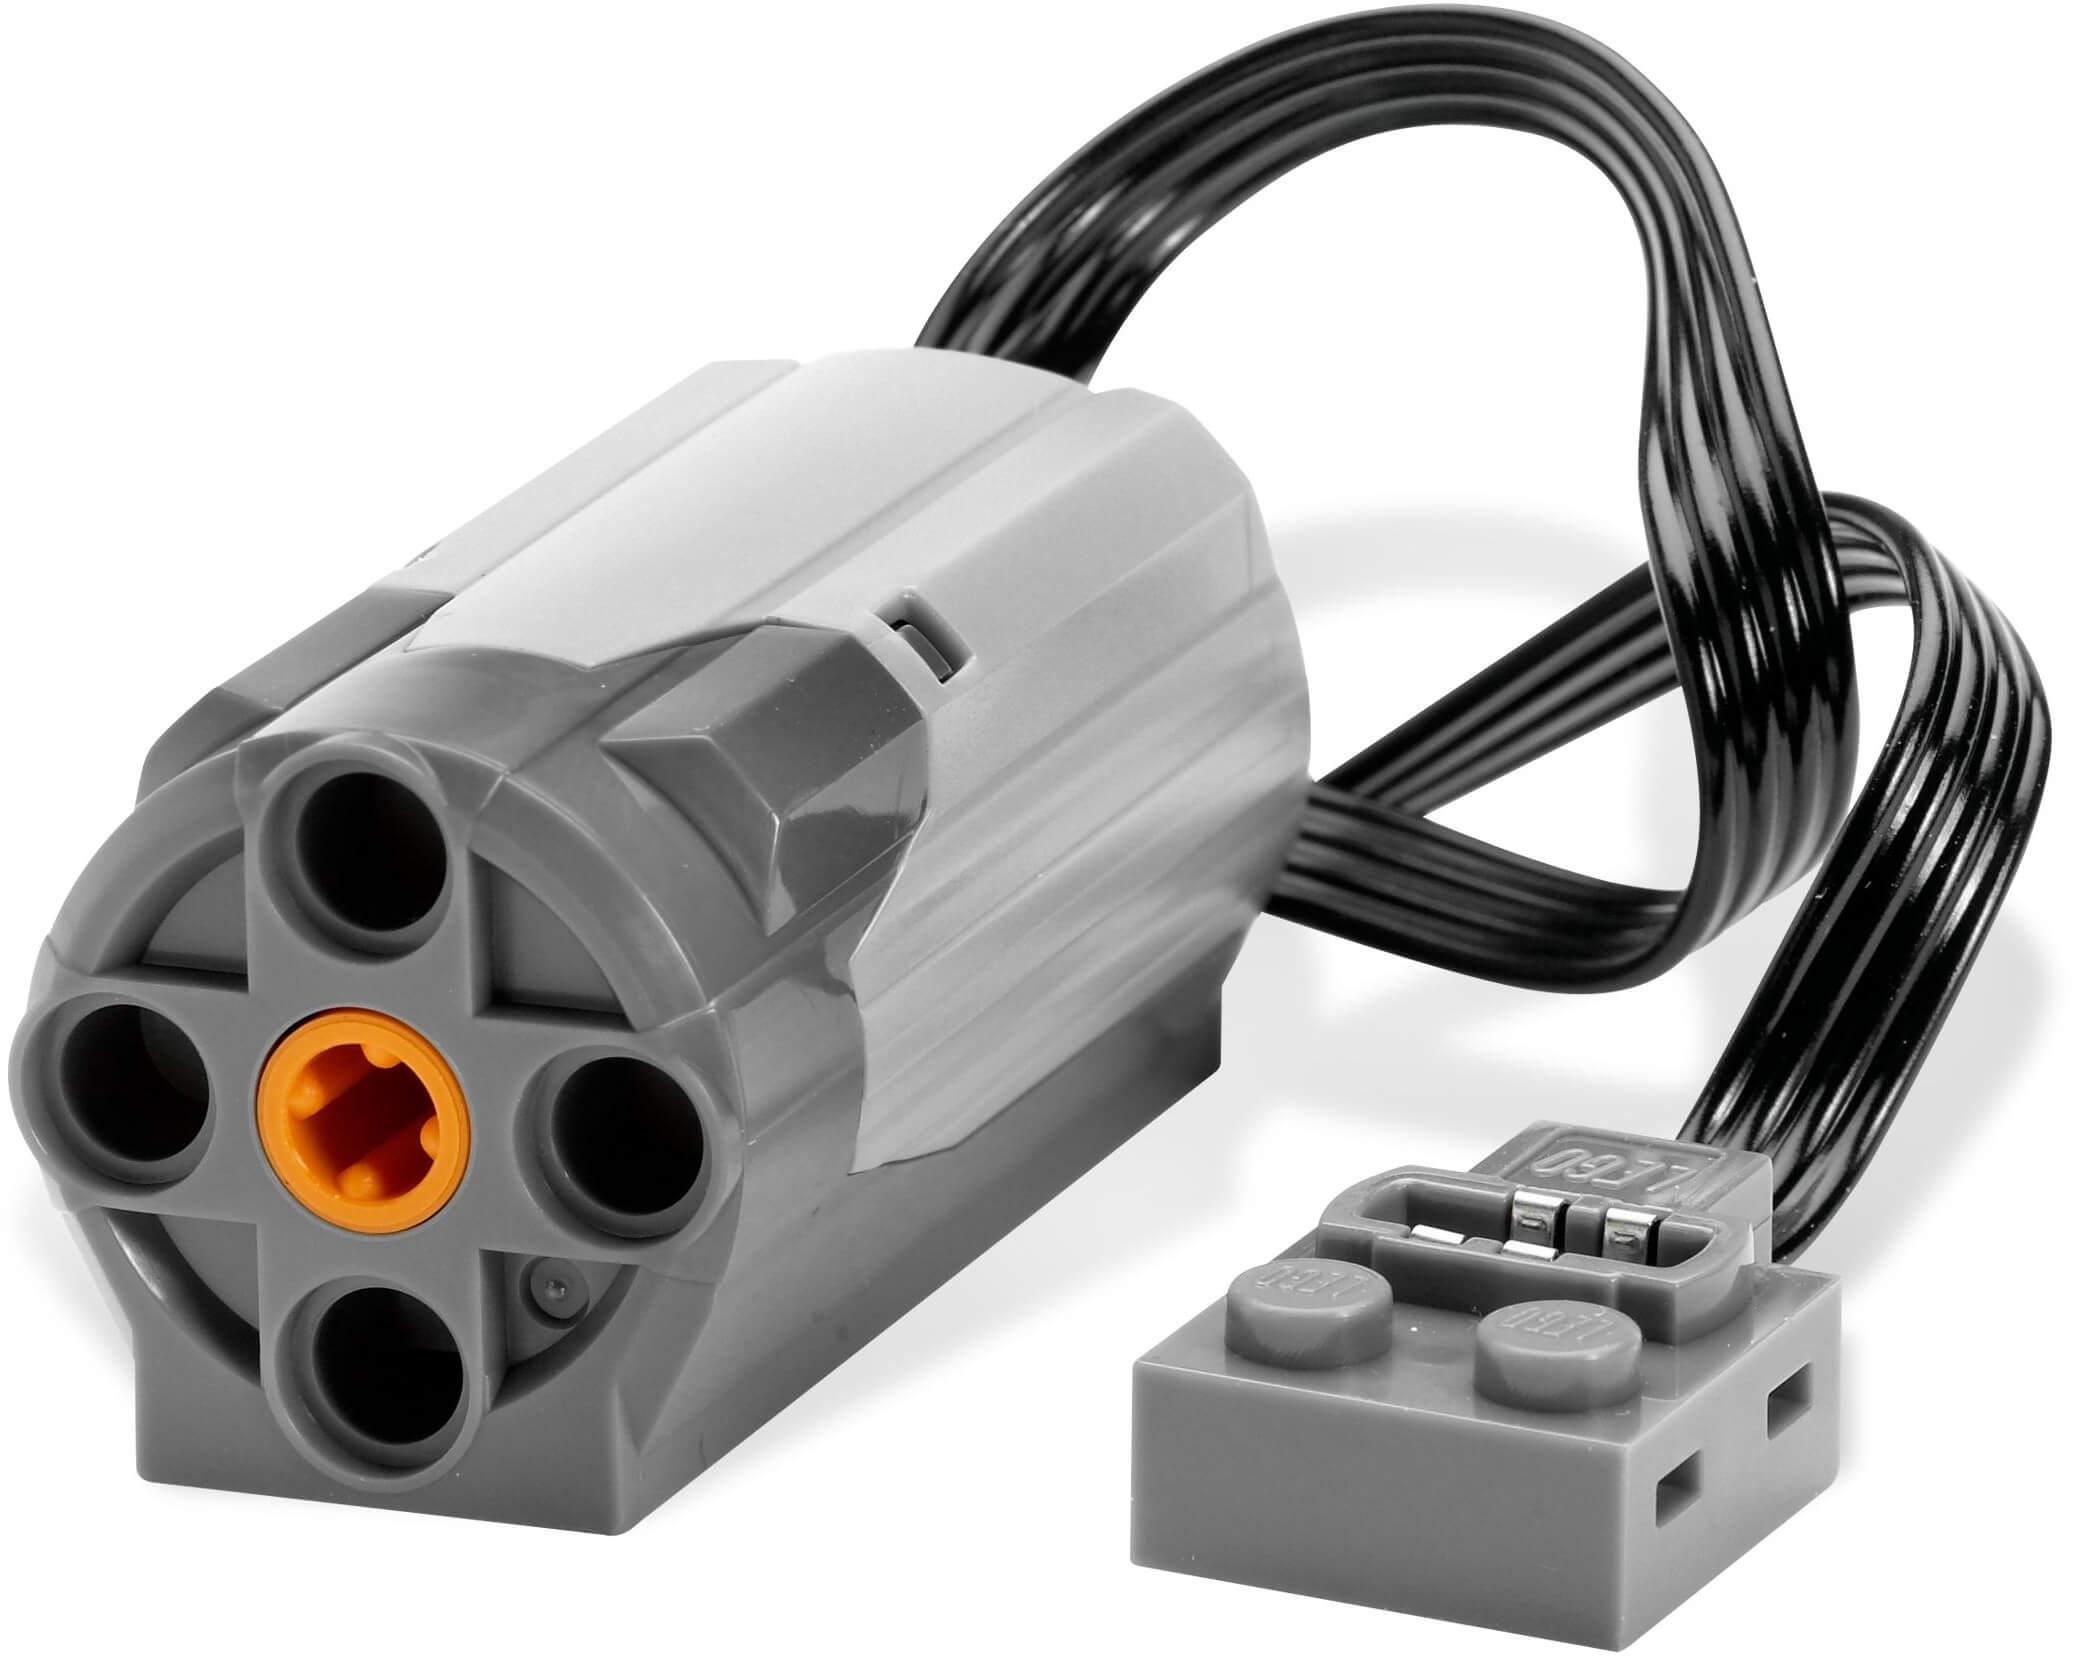 Mua đồ chơi LEGO 8883 - LEGO Power Functions 8883 - Động cơ cỡ Trung (LEGO Power Functions M-Motor 8883)